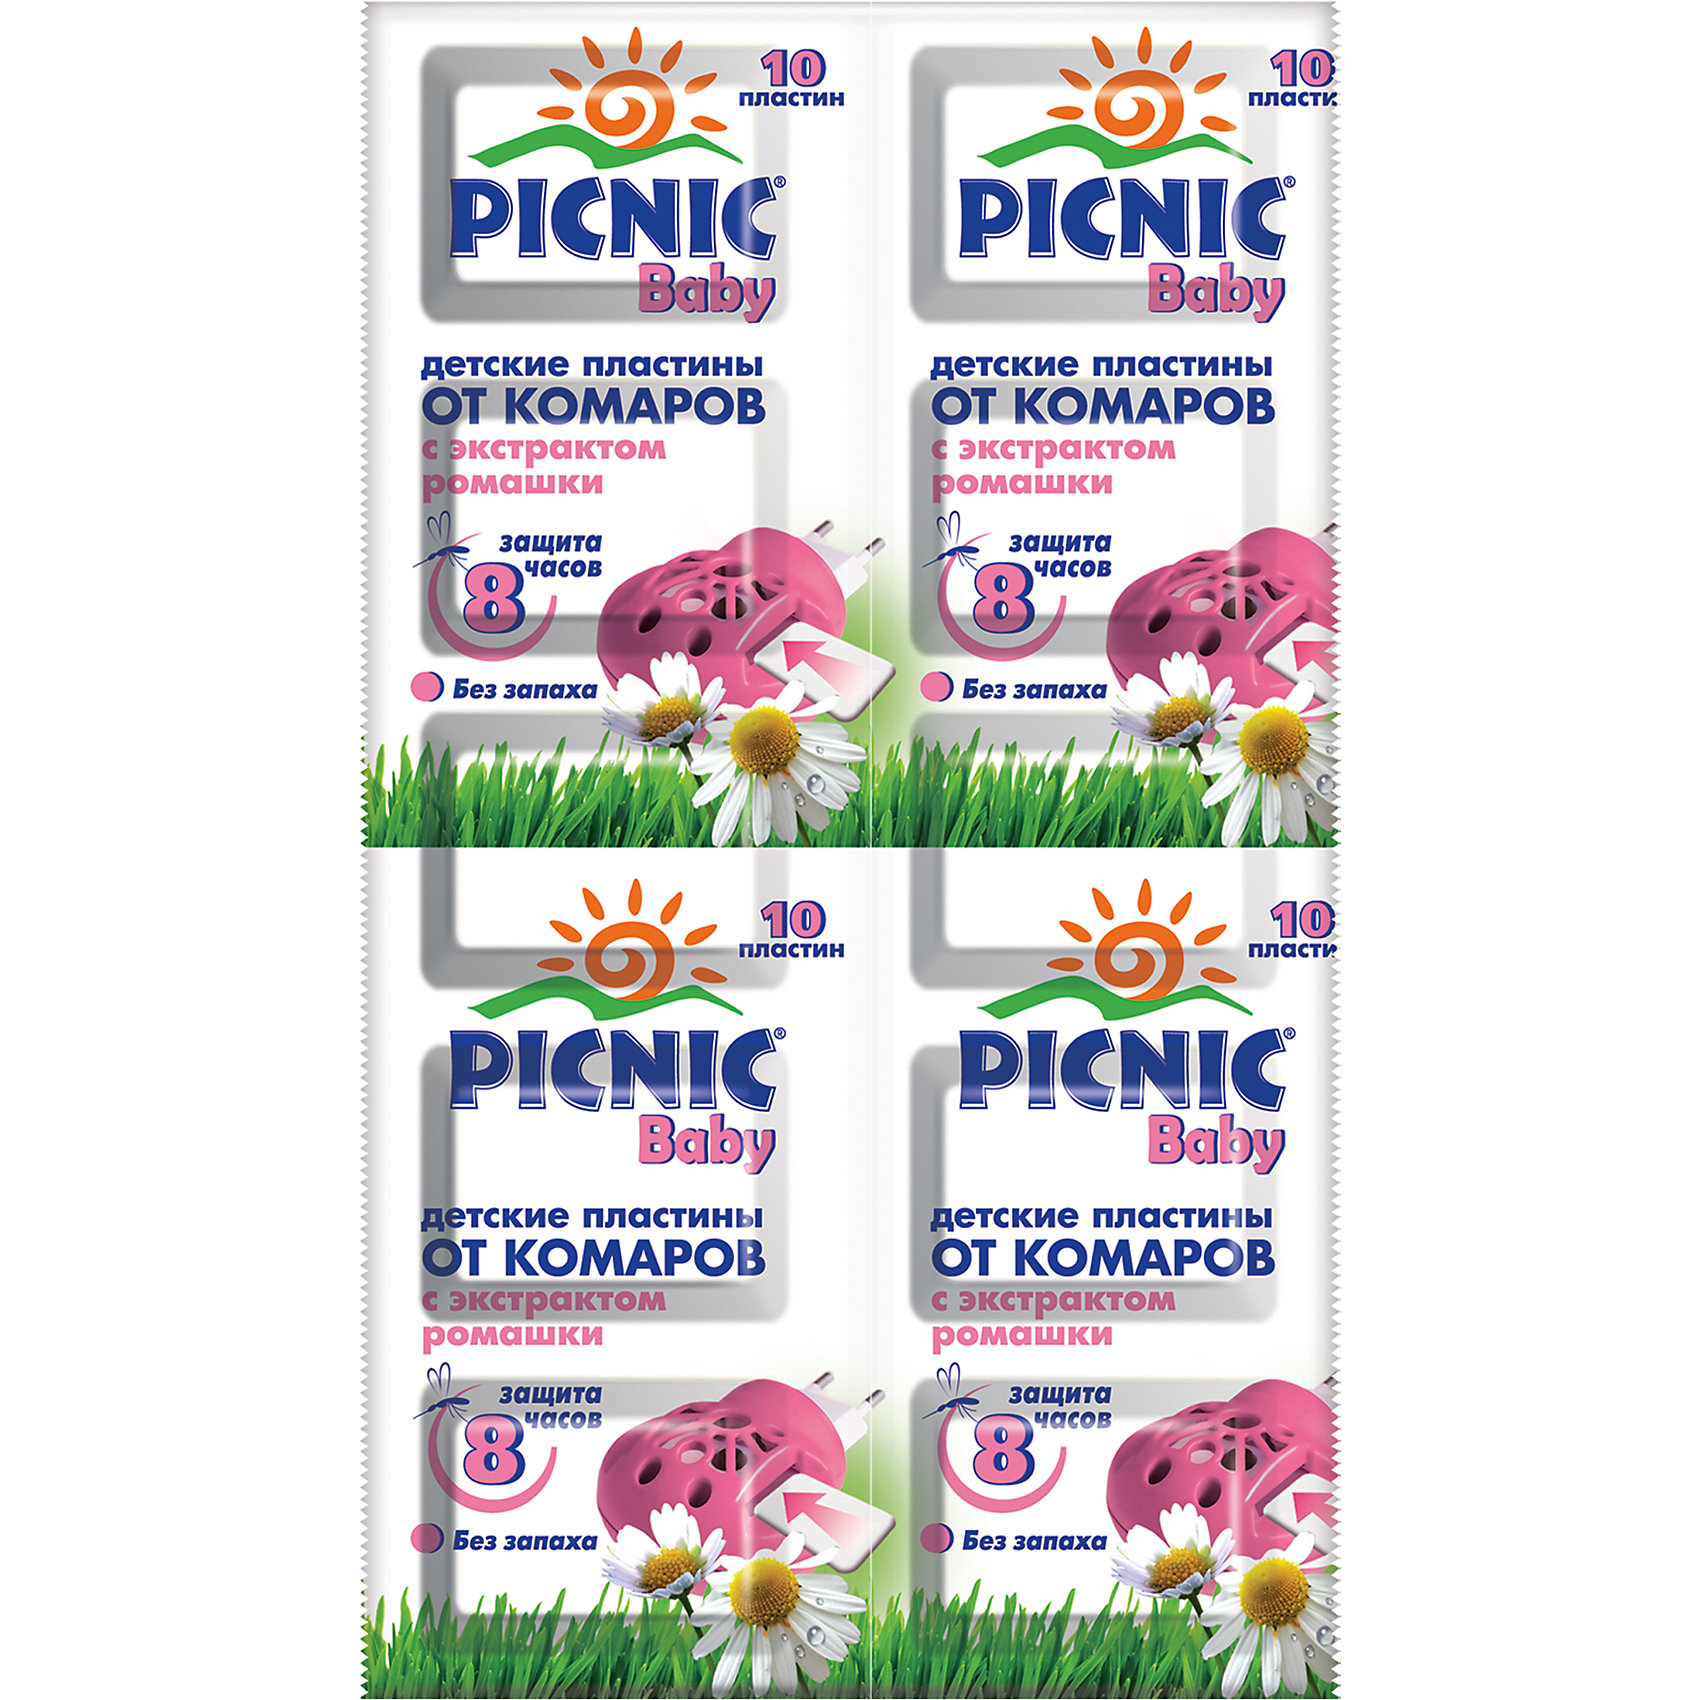 Пластины от комаров, 10 шт., Picnic BabyСредства защиты от солнца и насекомых<br>Пластины Picnic Baby обеспечивают эффективную и безопасную защиту от комаров в помещении. Одна пластина действует на протяжении 8 часов. Не имеет запаха.<br><br>Пластины от комаров, 10 шт., Picnic Baby можно купить в нашем магазине.<br><br>Ширина мм: 199<br>Глубина мм: 2<br>Высота мм: 115<br>Вес г: 50<br>Возраст от месяцев: 0<br>Возраст до месяцев: 1188<br>Пол: Унисекс<br>Возраст: Детский<br>SKU: 4667900